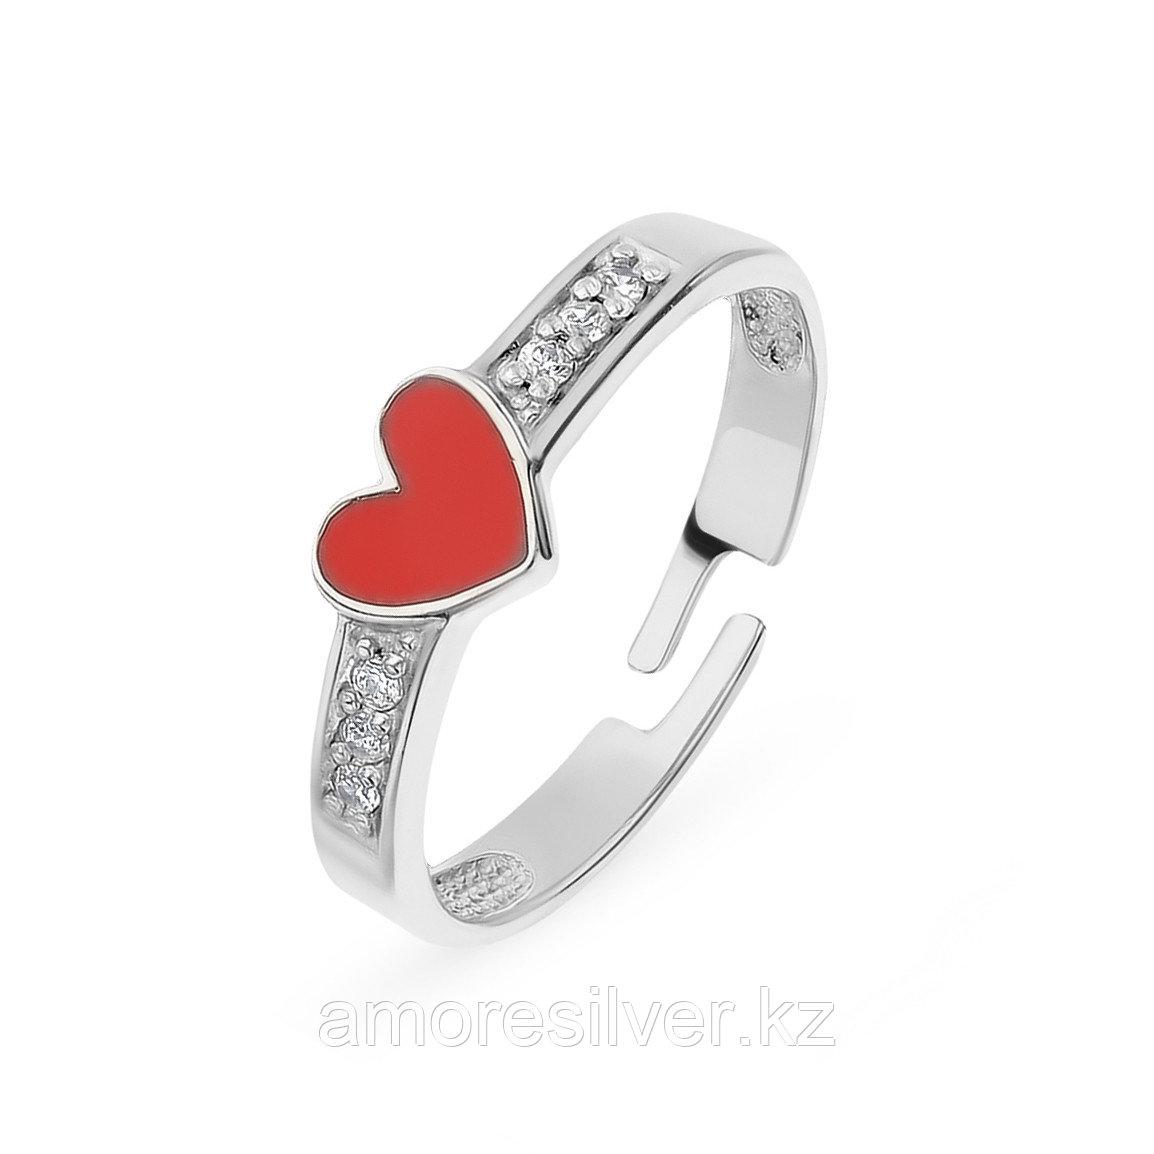 Кольцо TEOSA серебро с родием, фианит эмаль, love К638-1149М1 размеры - 14,5